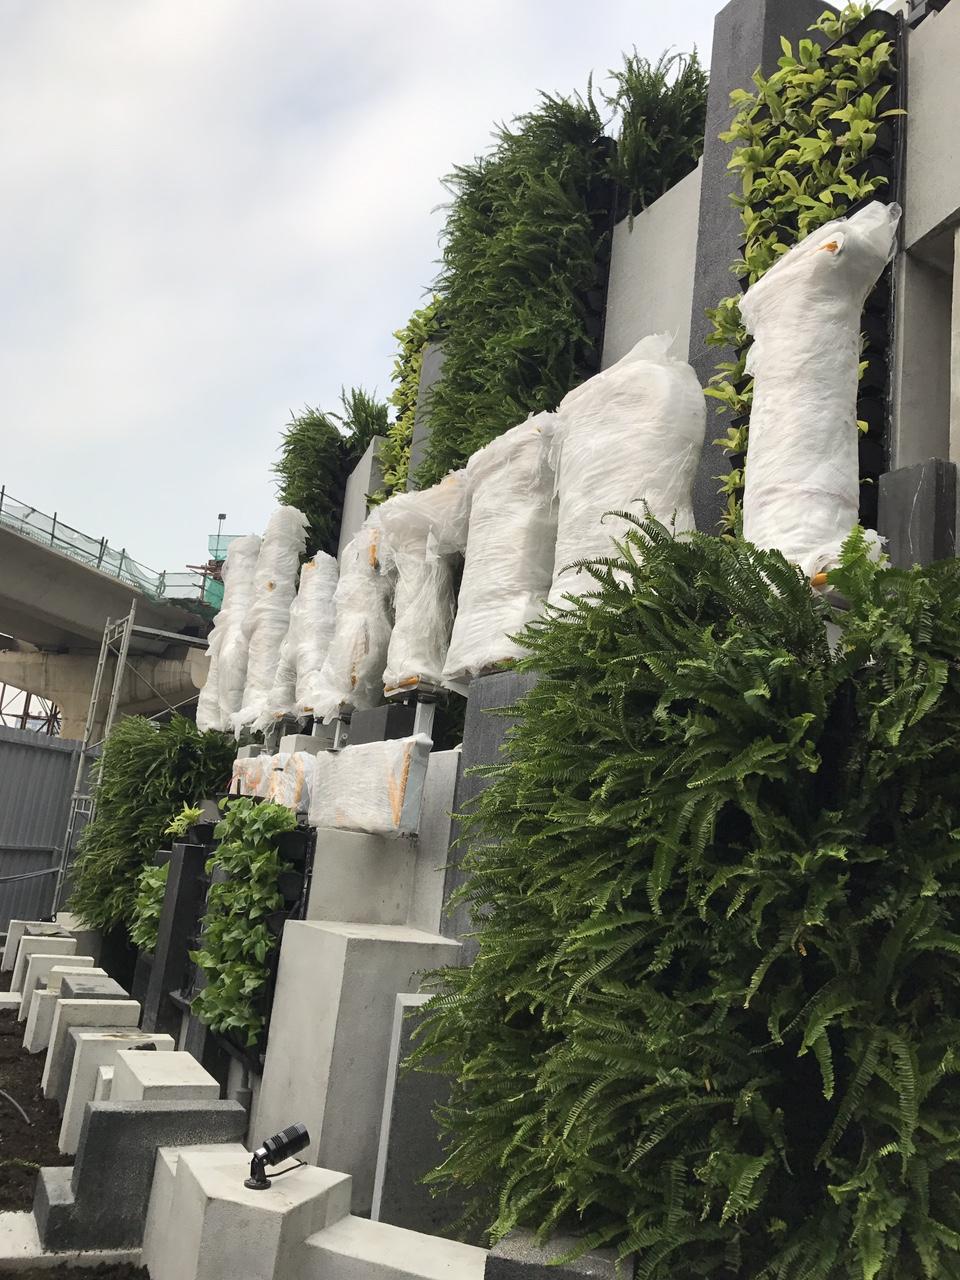 Thiết kế vườn tường đứng theo phong cách 3 T(Xanh-Sạch -Đẹp) uy tín với giá hợp lý nhất